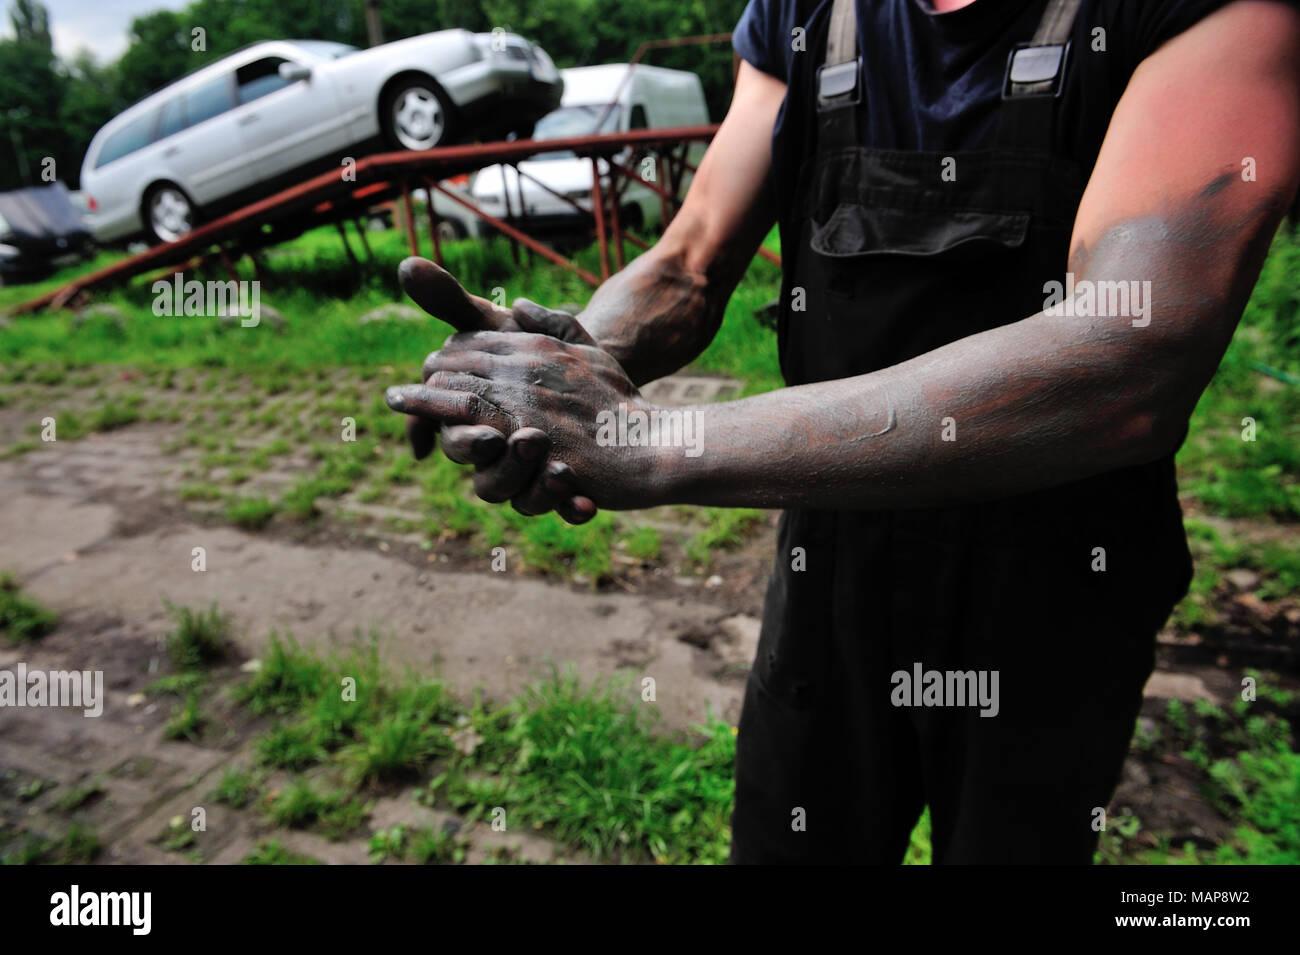 Une personne, un groupe de travail, bras, noir, travaux publics, craftemployment workprofessional illégalement l'emploi, la vie professionnelle, illicite, disque, danger, travail Banque D'Images